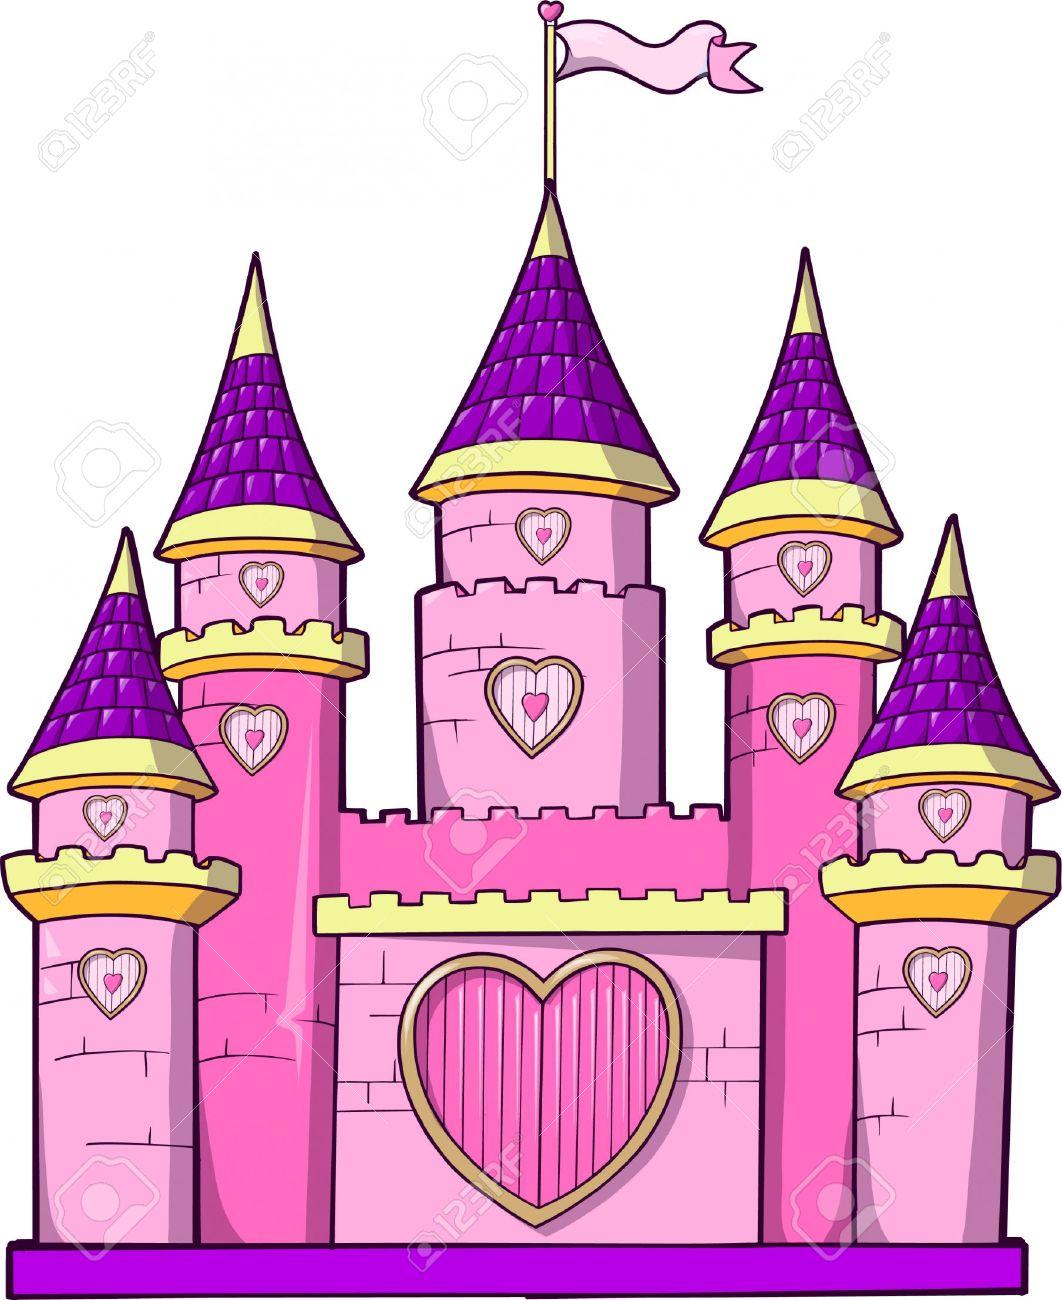 Free princess castle clip art.